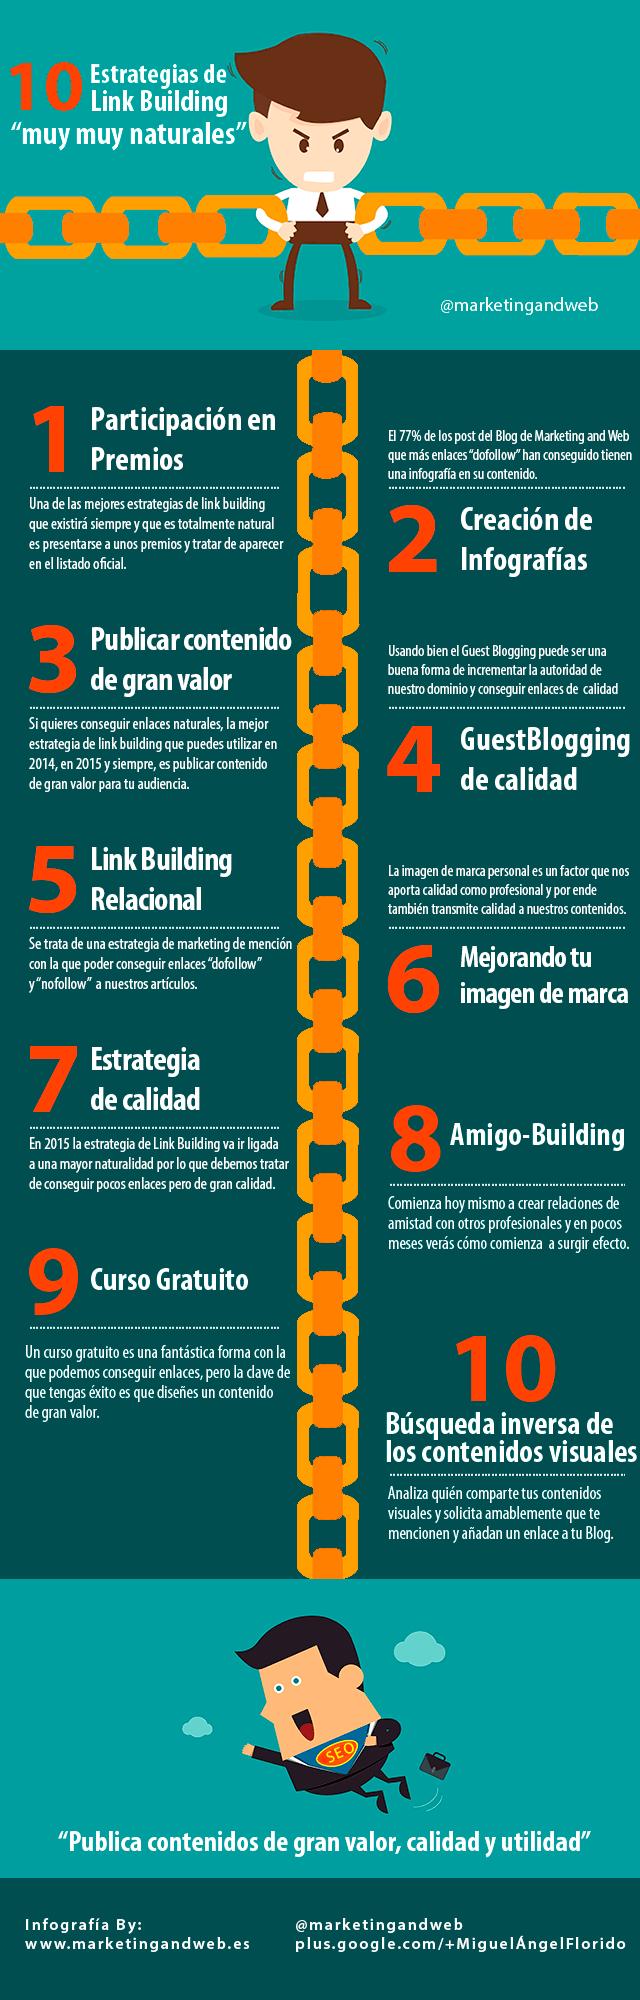 Infografía sobre estrategias de linkbuilding